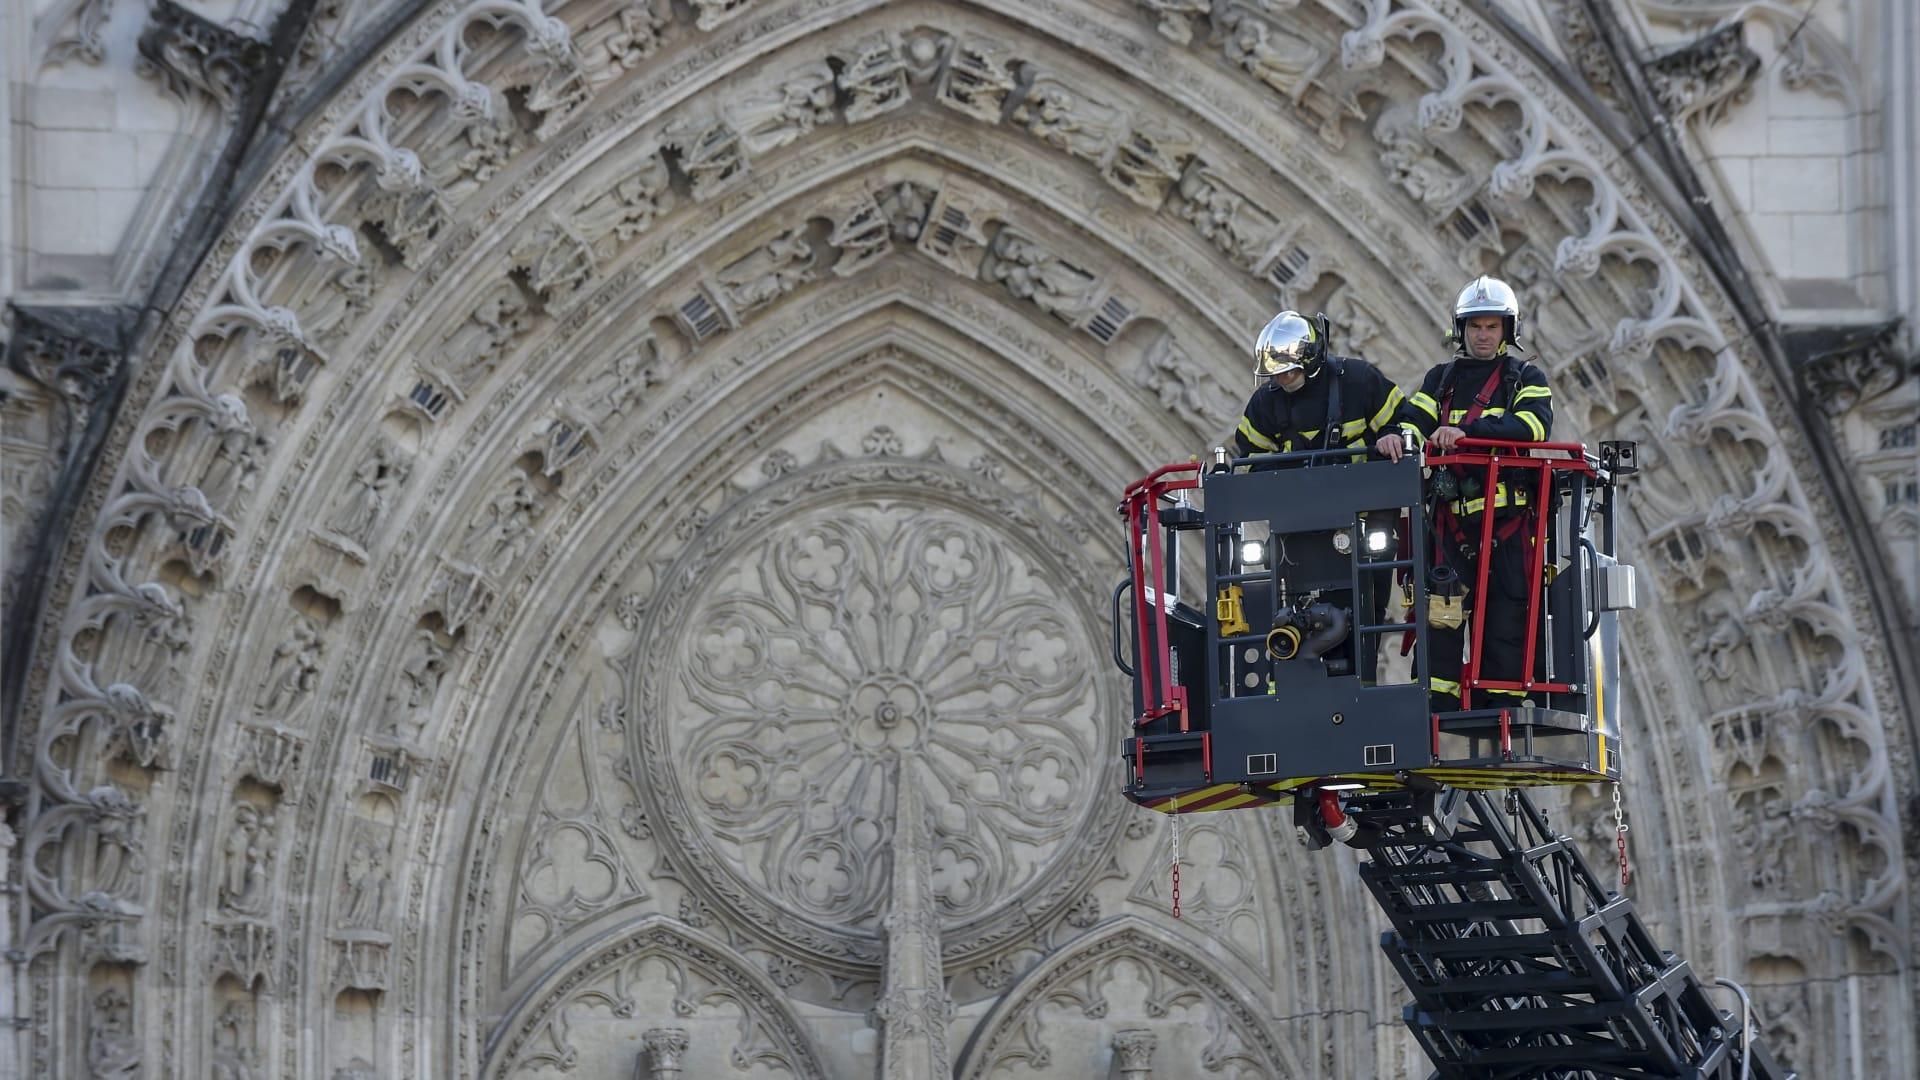 شاهد.. لحظة اندلاع حريق في كاتدرائية بفرنسا